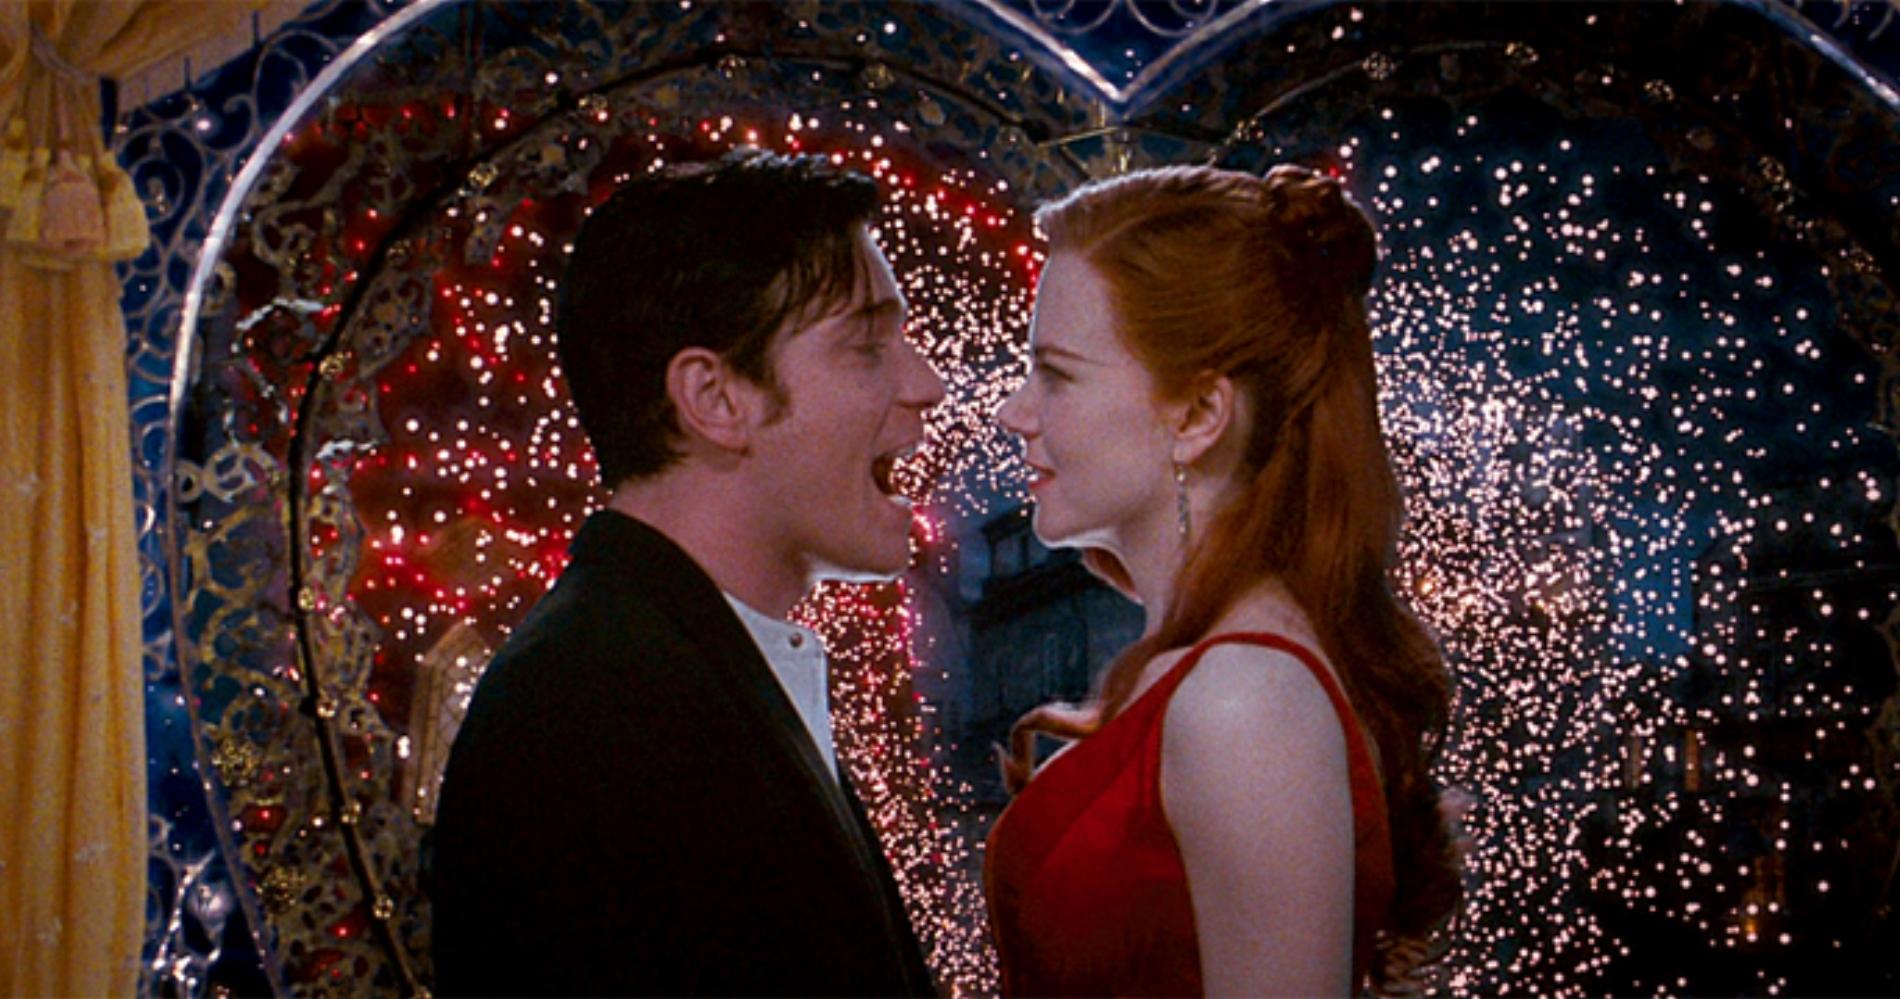 """<span class=""""entry-title-primary"""">Le cinque scene d'amore indimenticabili dei film</span> <span class=""""entry-subtitle"""">Cinque scene che hanno fatto battere il cuore dei romantici.</span>"""